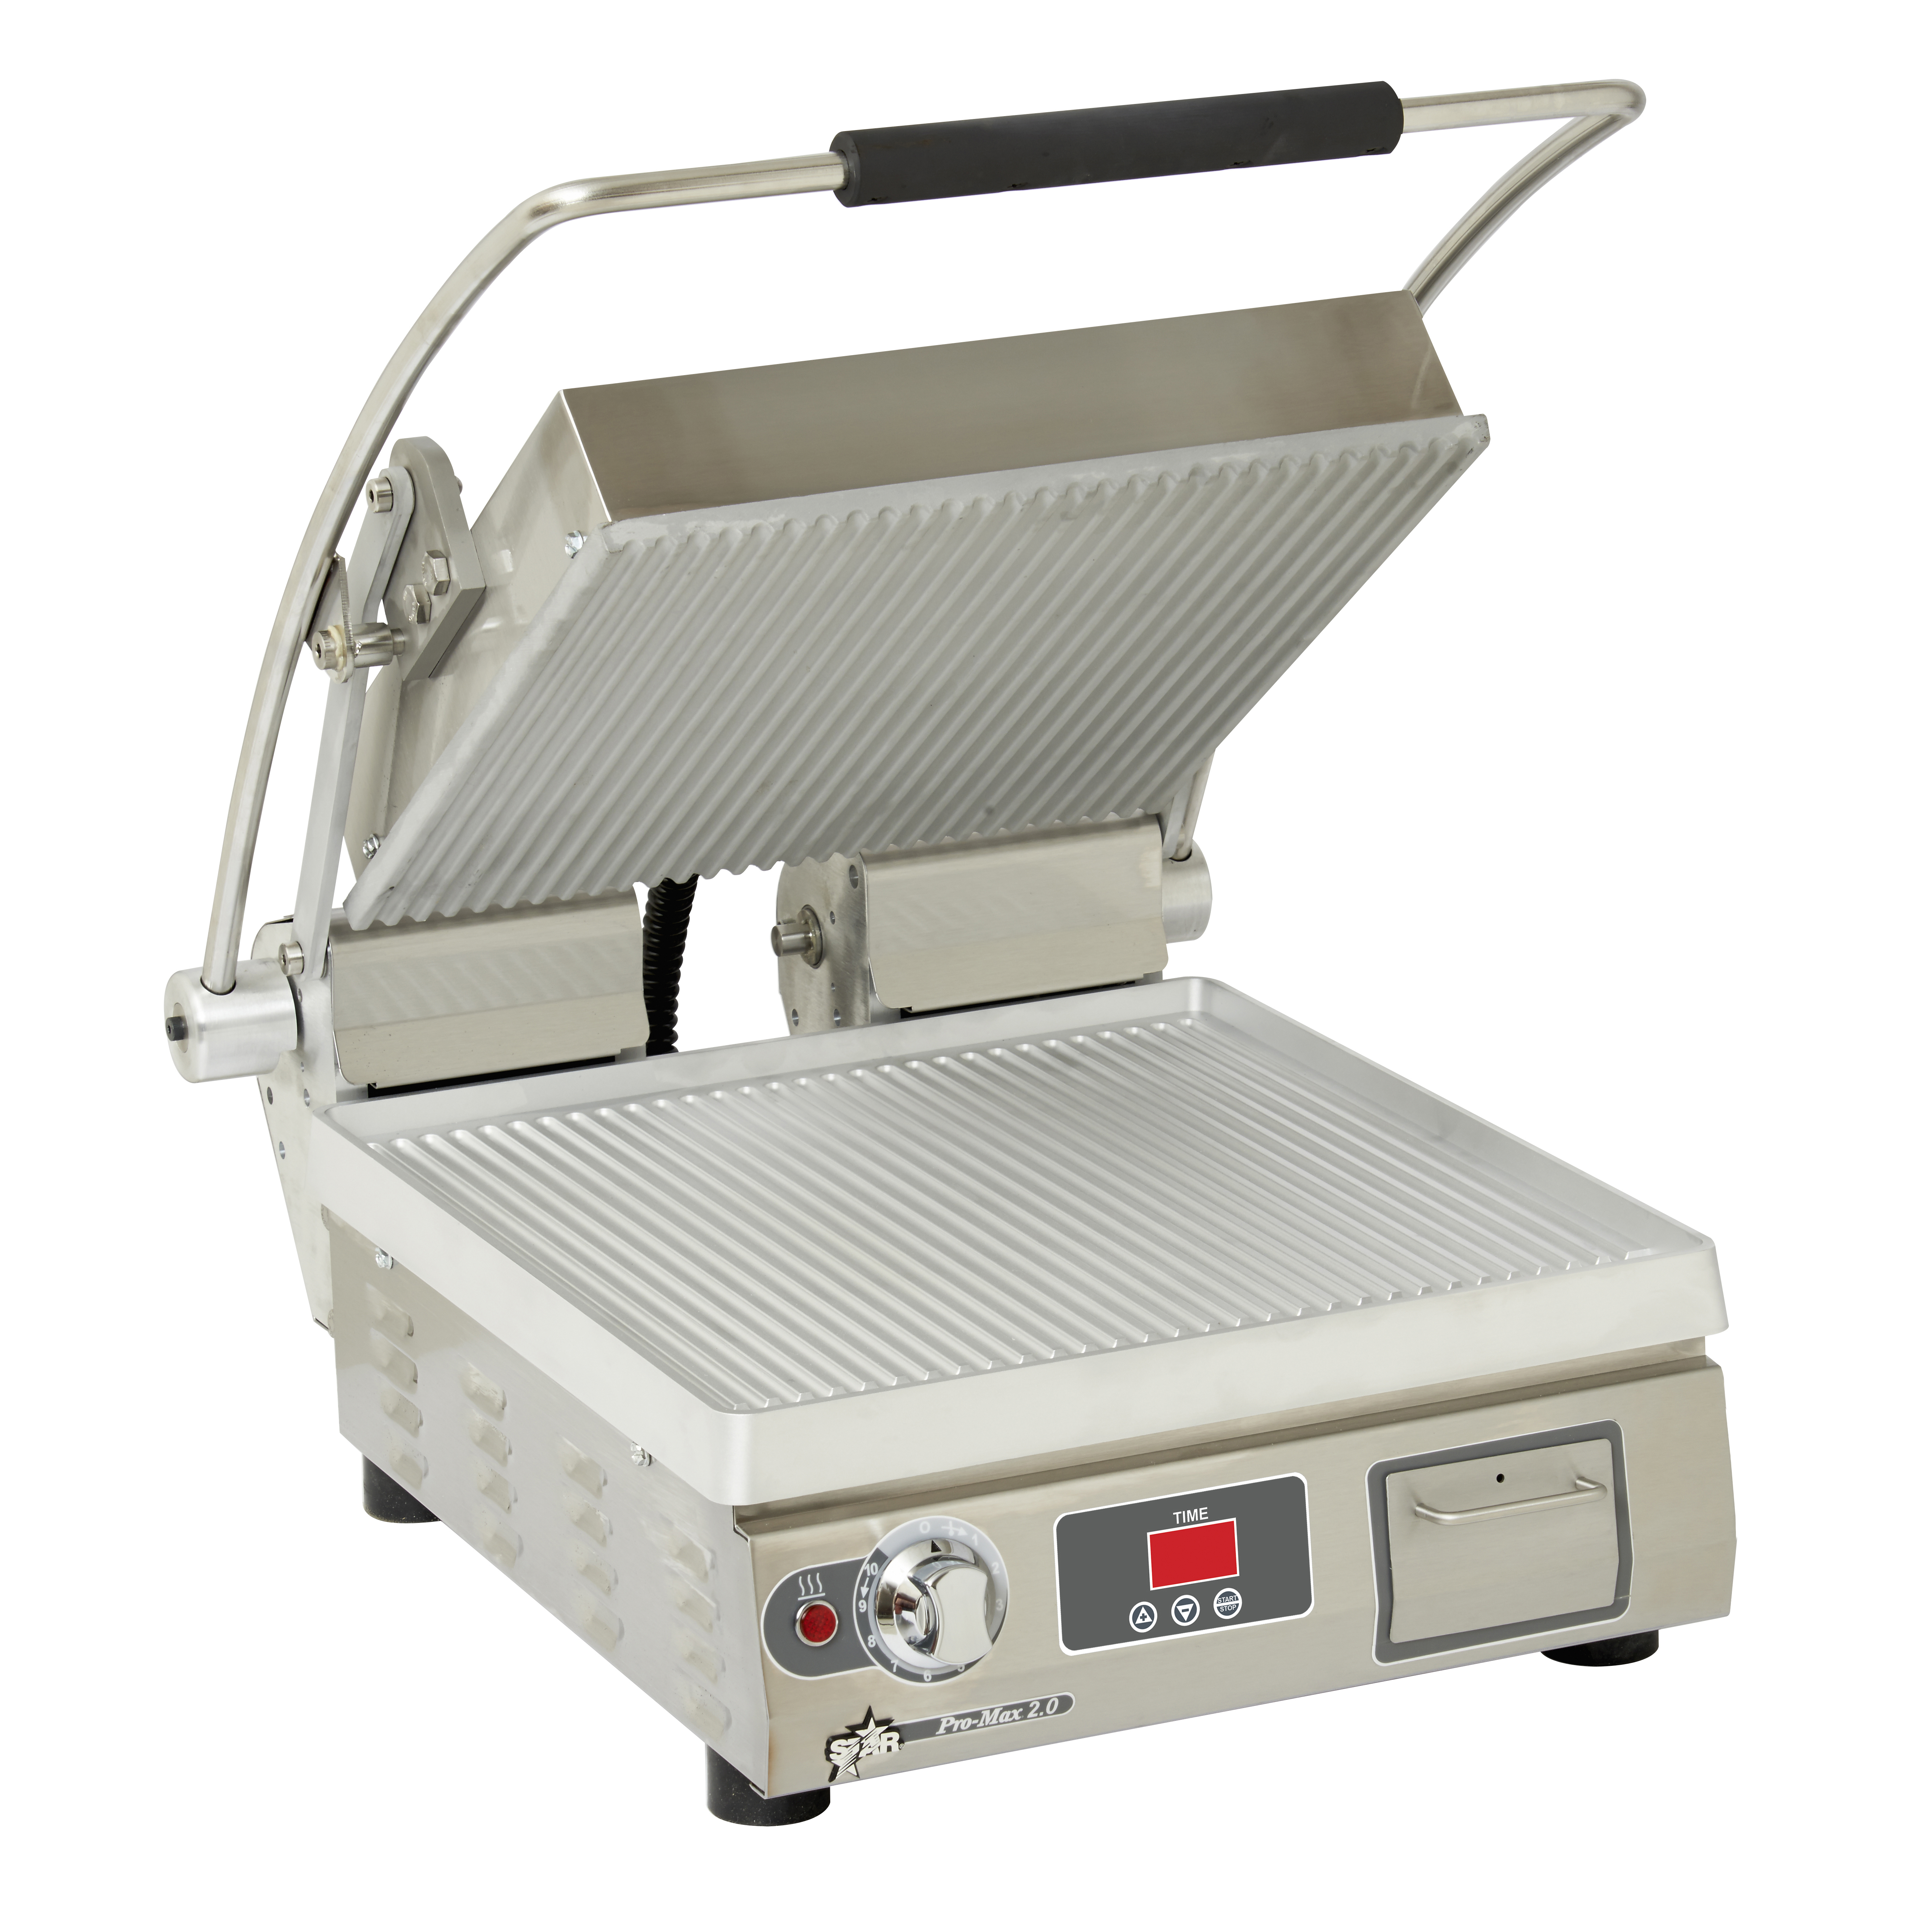 Star PGT14T sandwich / panini grill